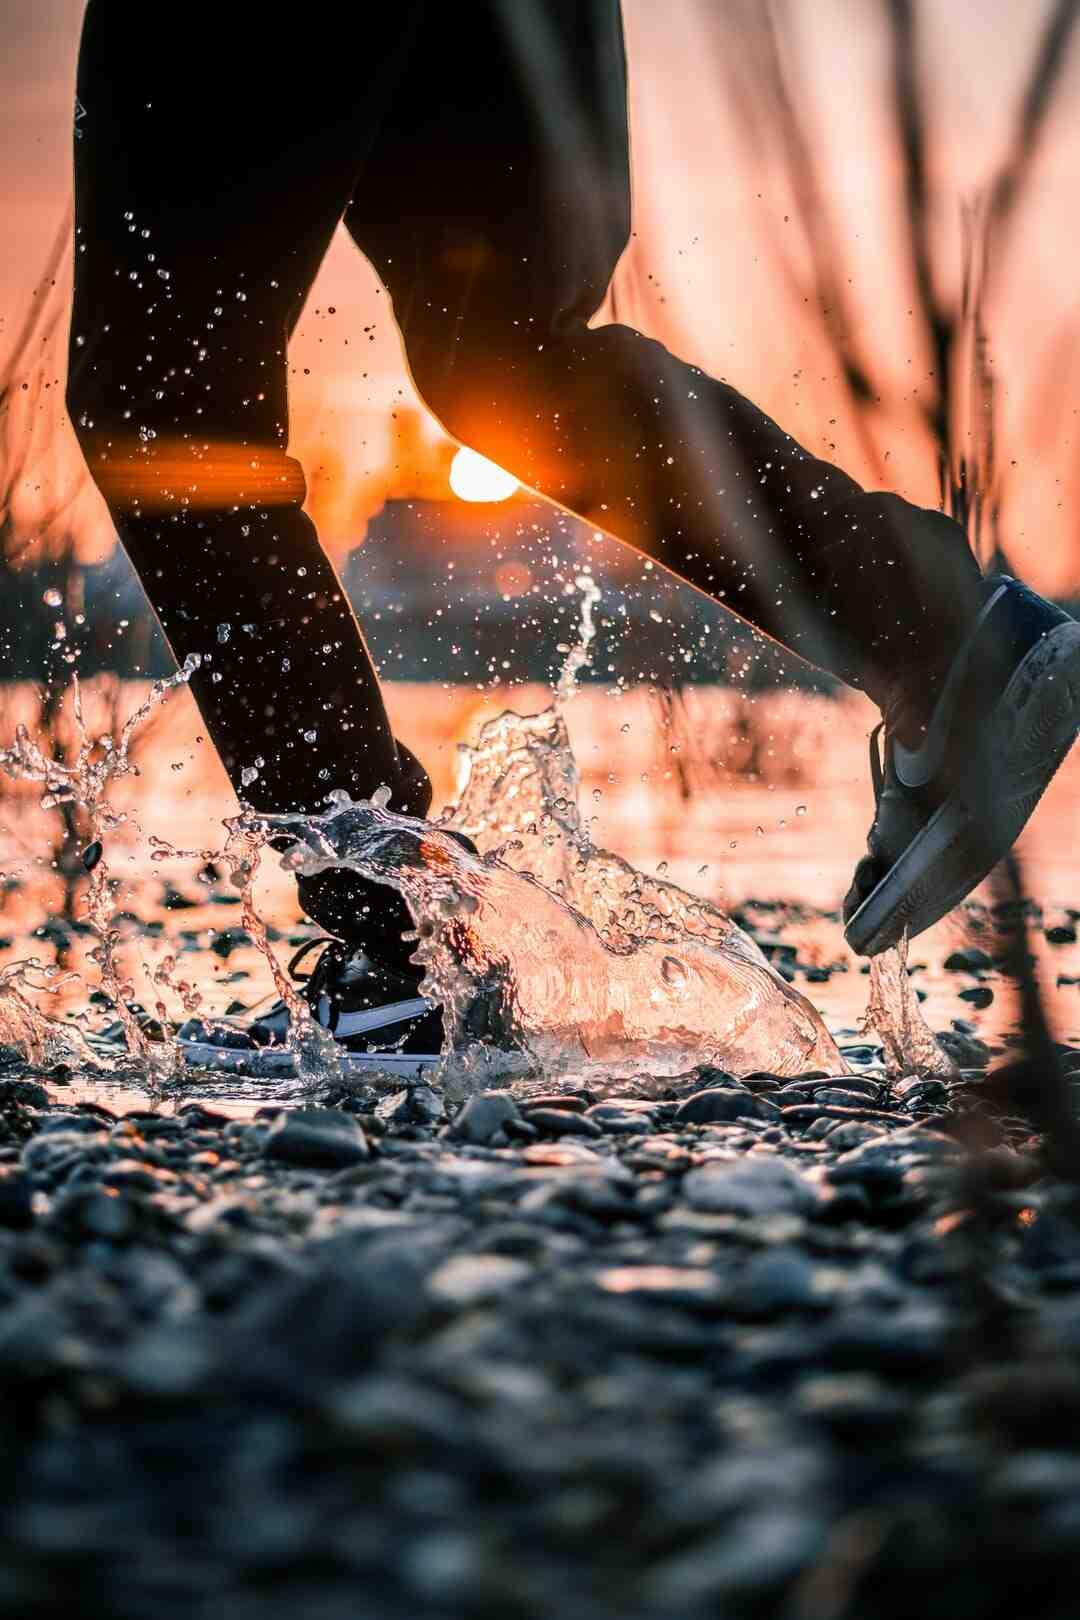 Comment traiter une brûlure à l'eau chaude